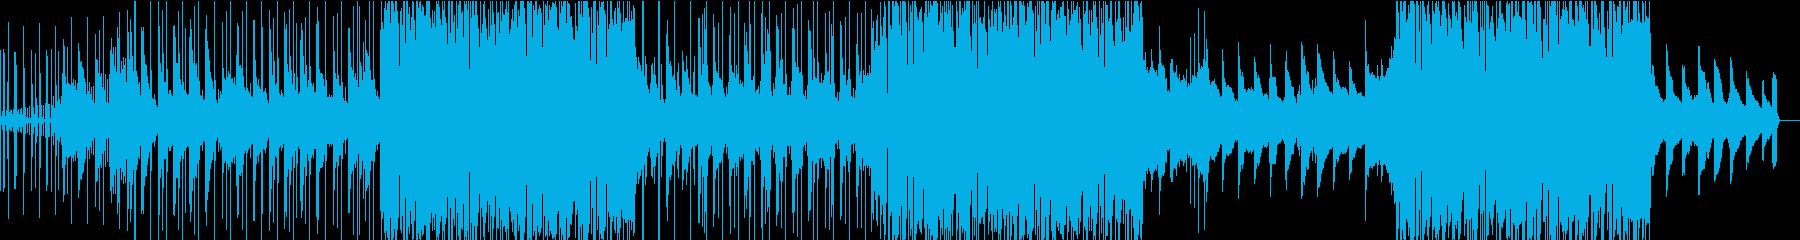 センチメンタル・情緒的の再生済みの波形